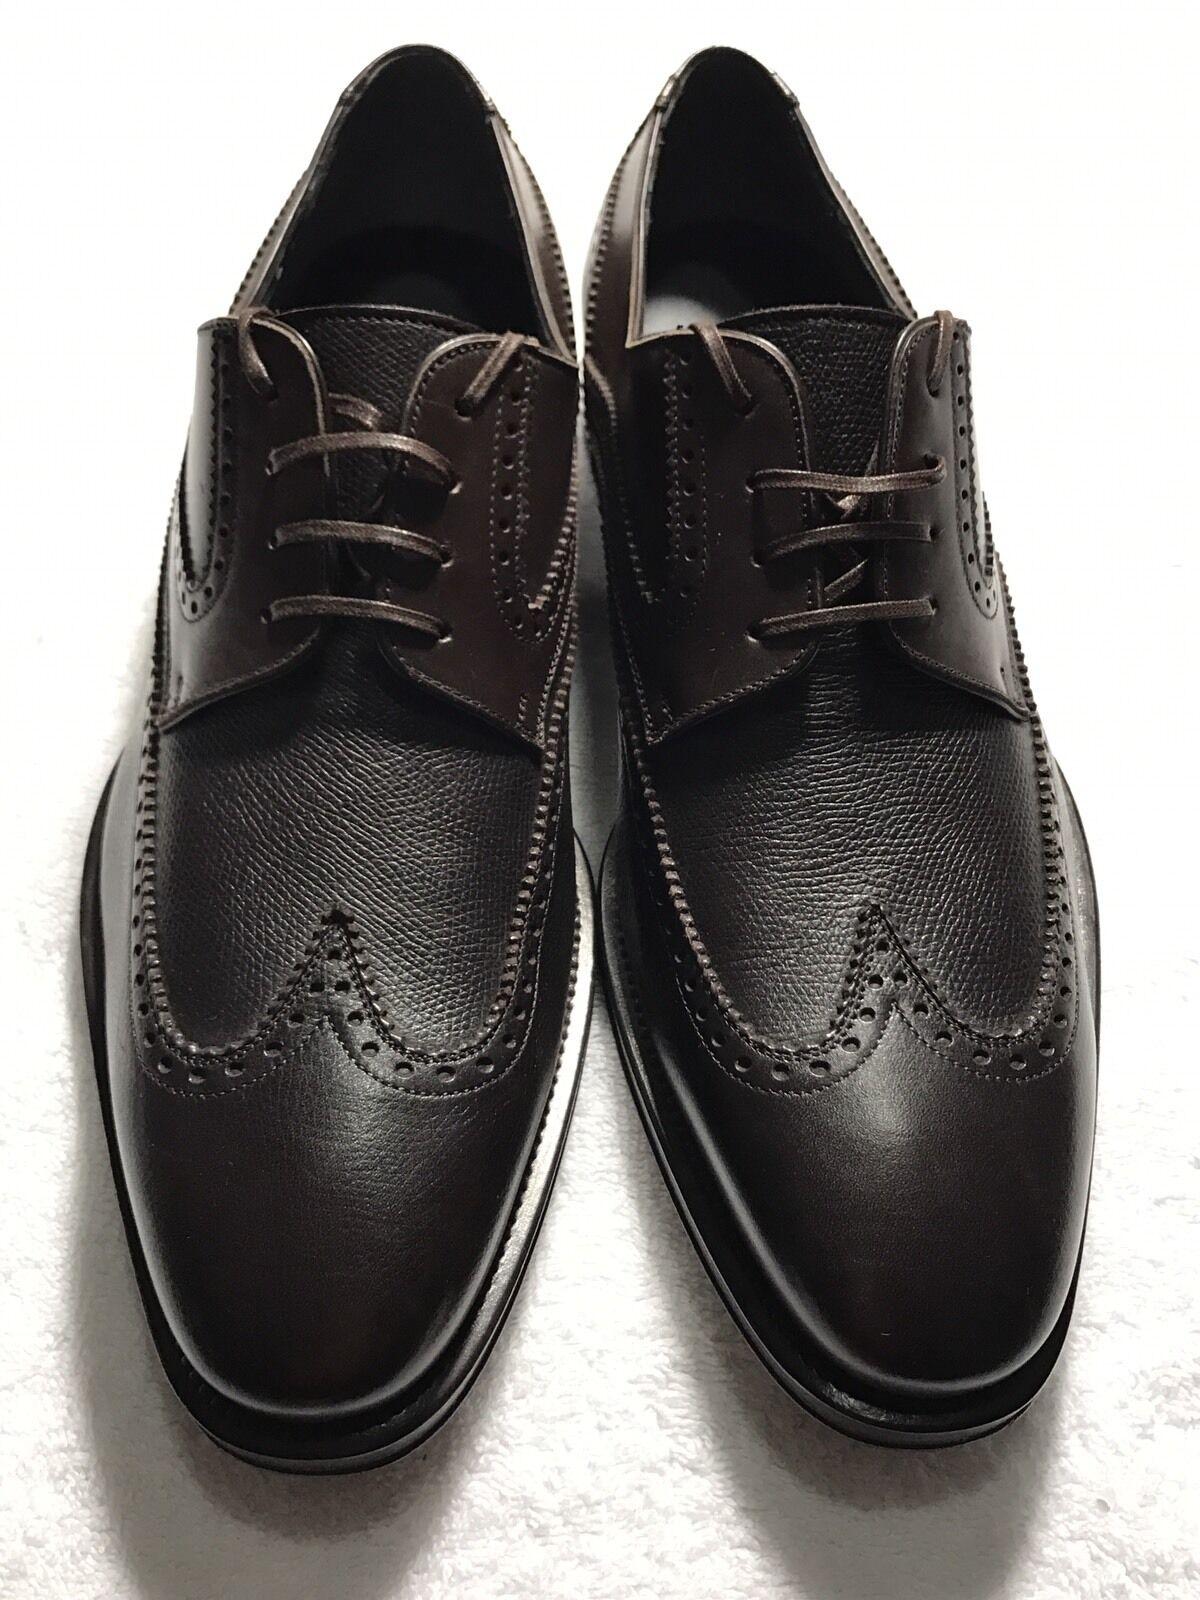 ferragamo shoes Scarpe classiche da uomo